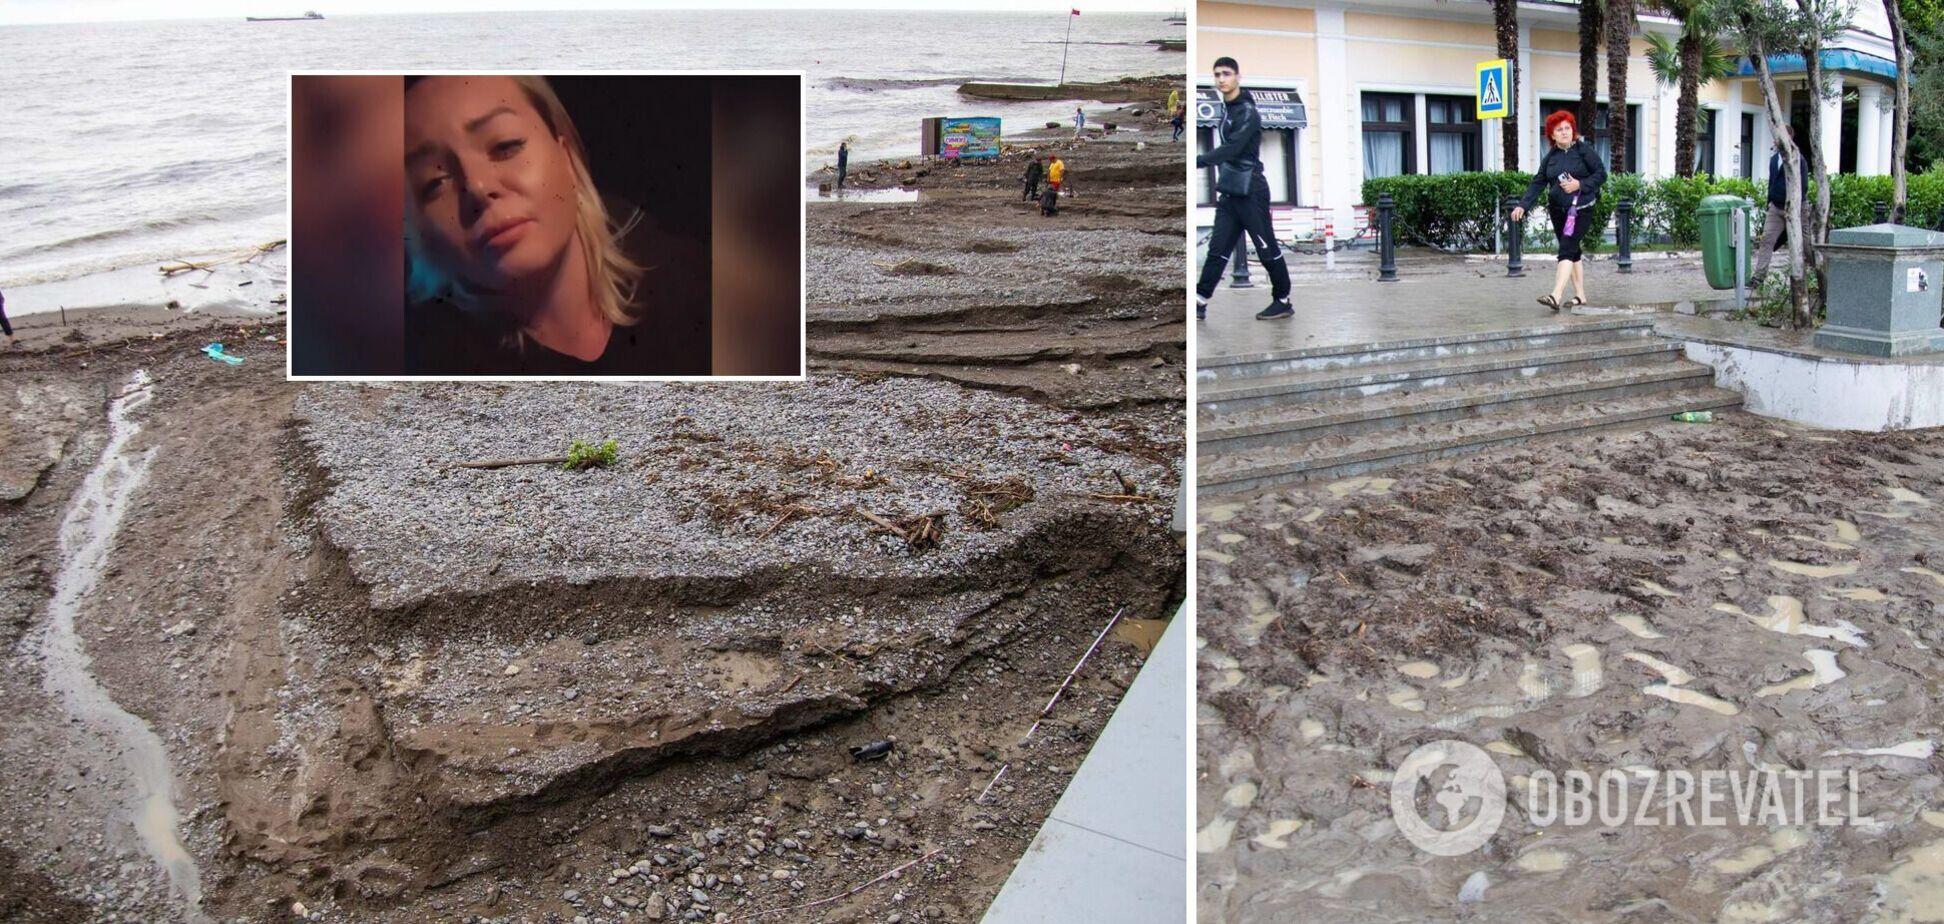 Ялту змило до біса! Це краще, ніж секс! – туроператорка з Росії про повінь в Криму